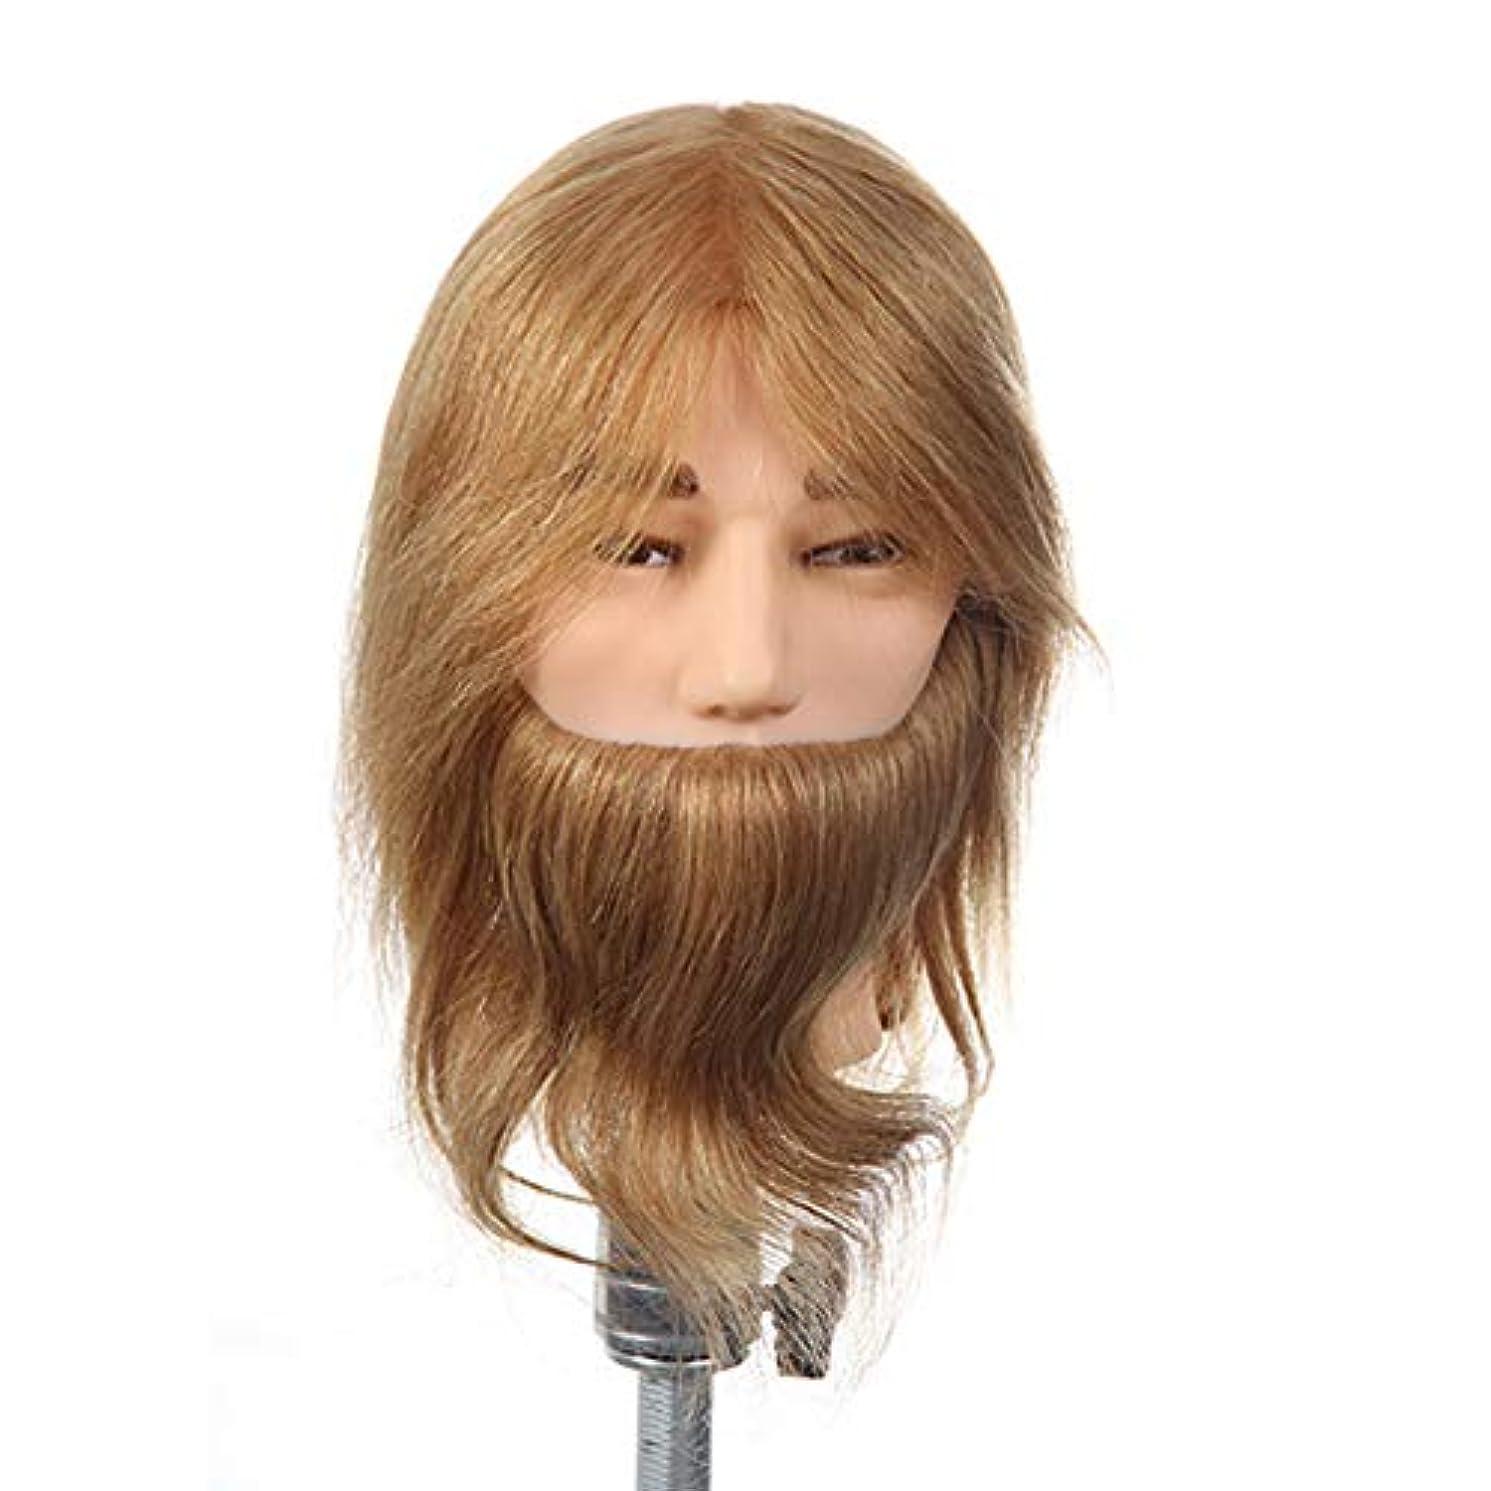 電気陽性演じるマザーランド本物のヘア男性化粧ダミーヘッドヘアサロン学習パーマ染めトリミング髪あごひげマネキンヘッド付き口ひげ指導ヘッド